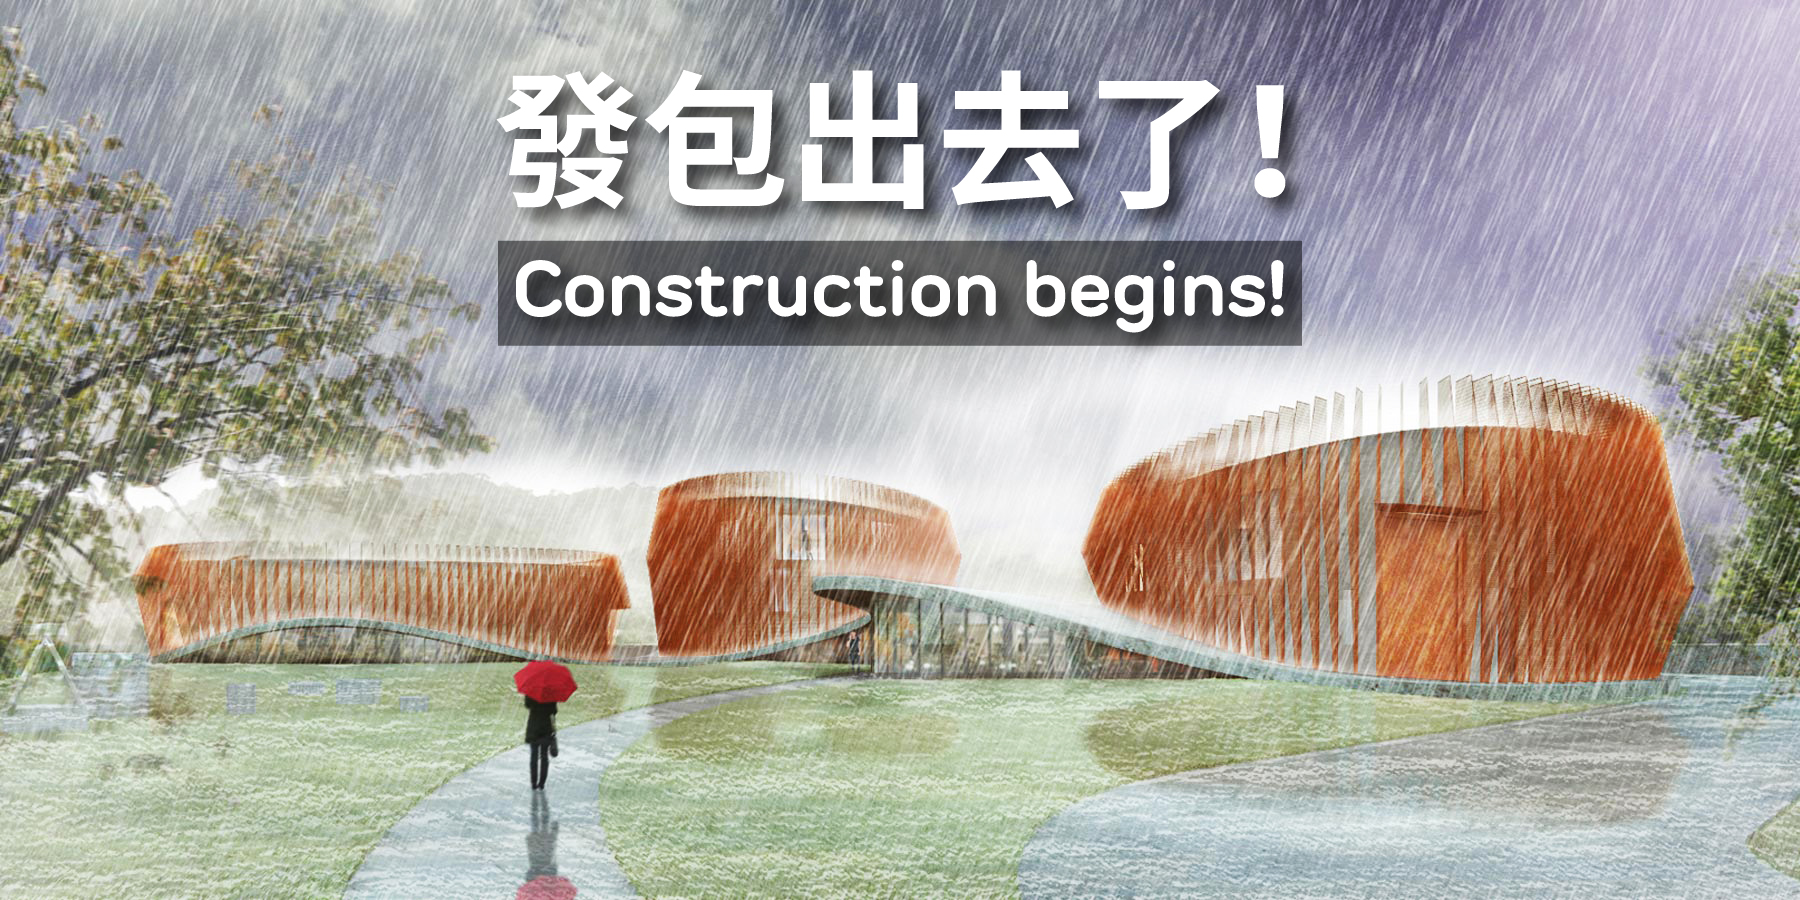 台北氣象站得獎作品開始施工